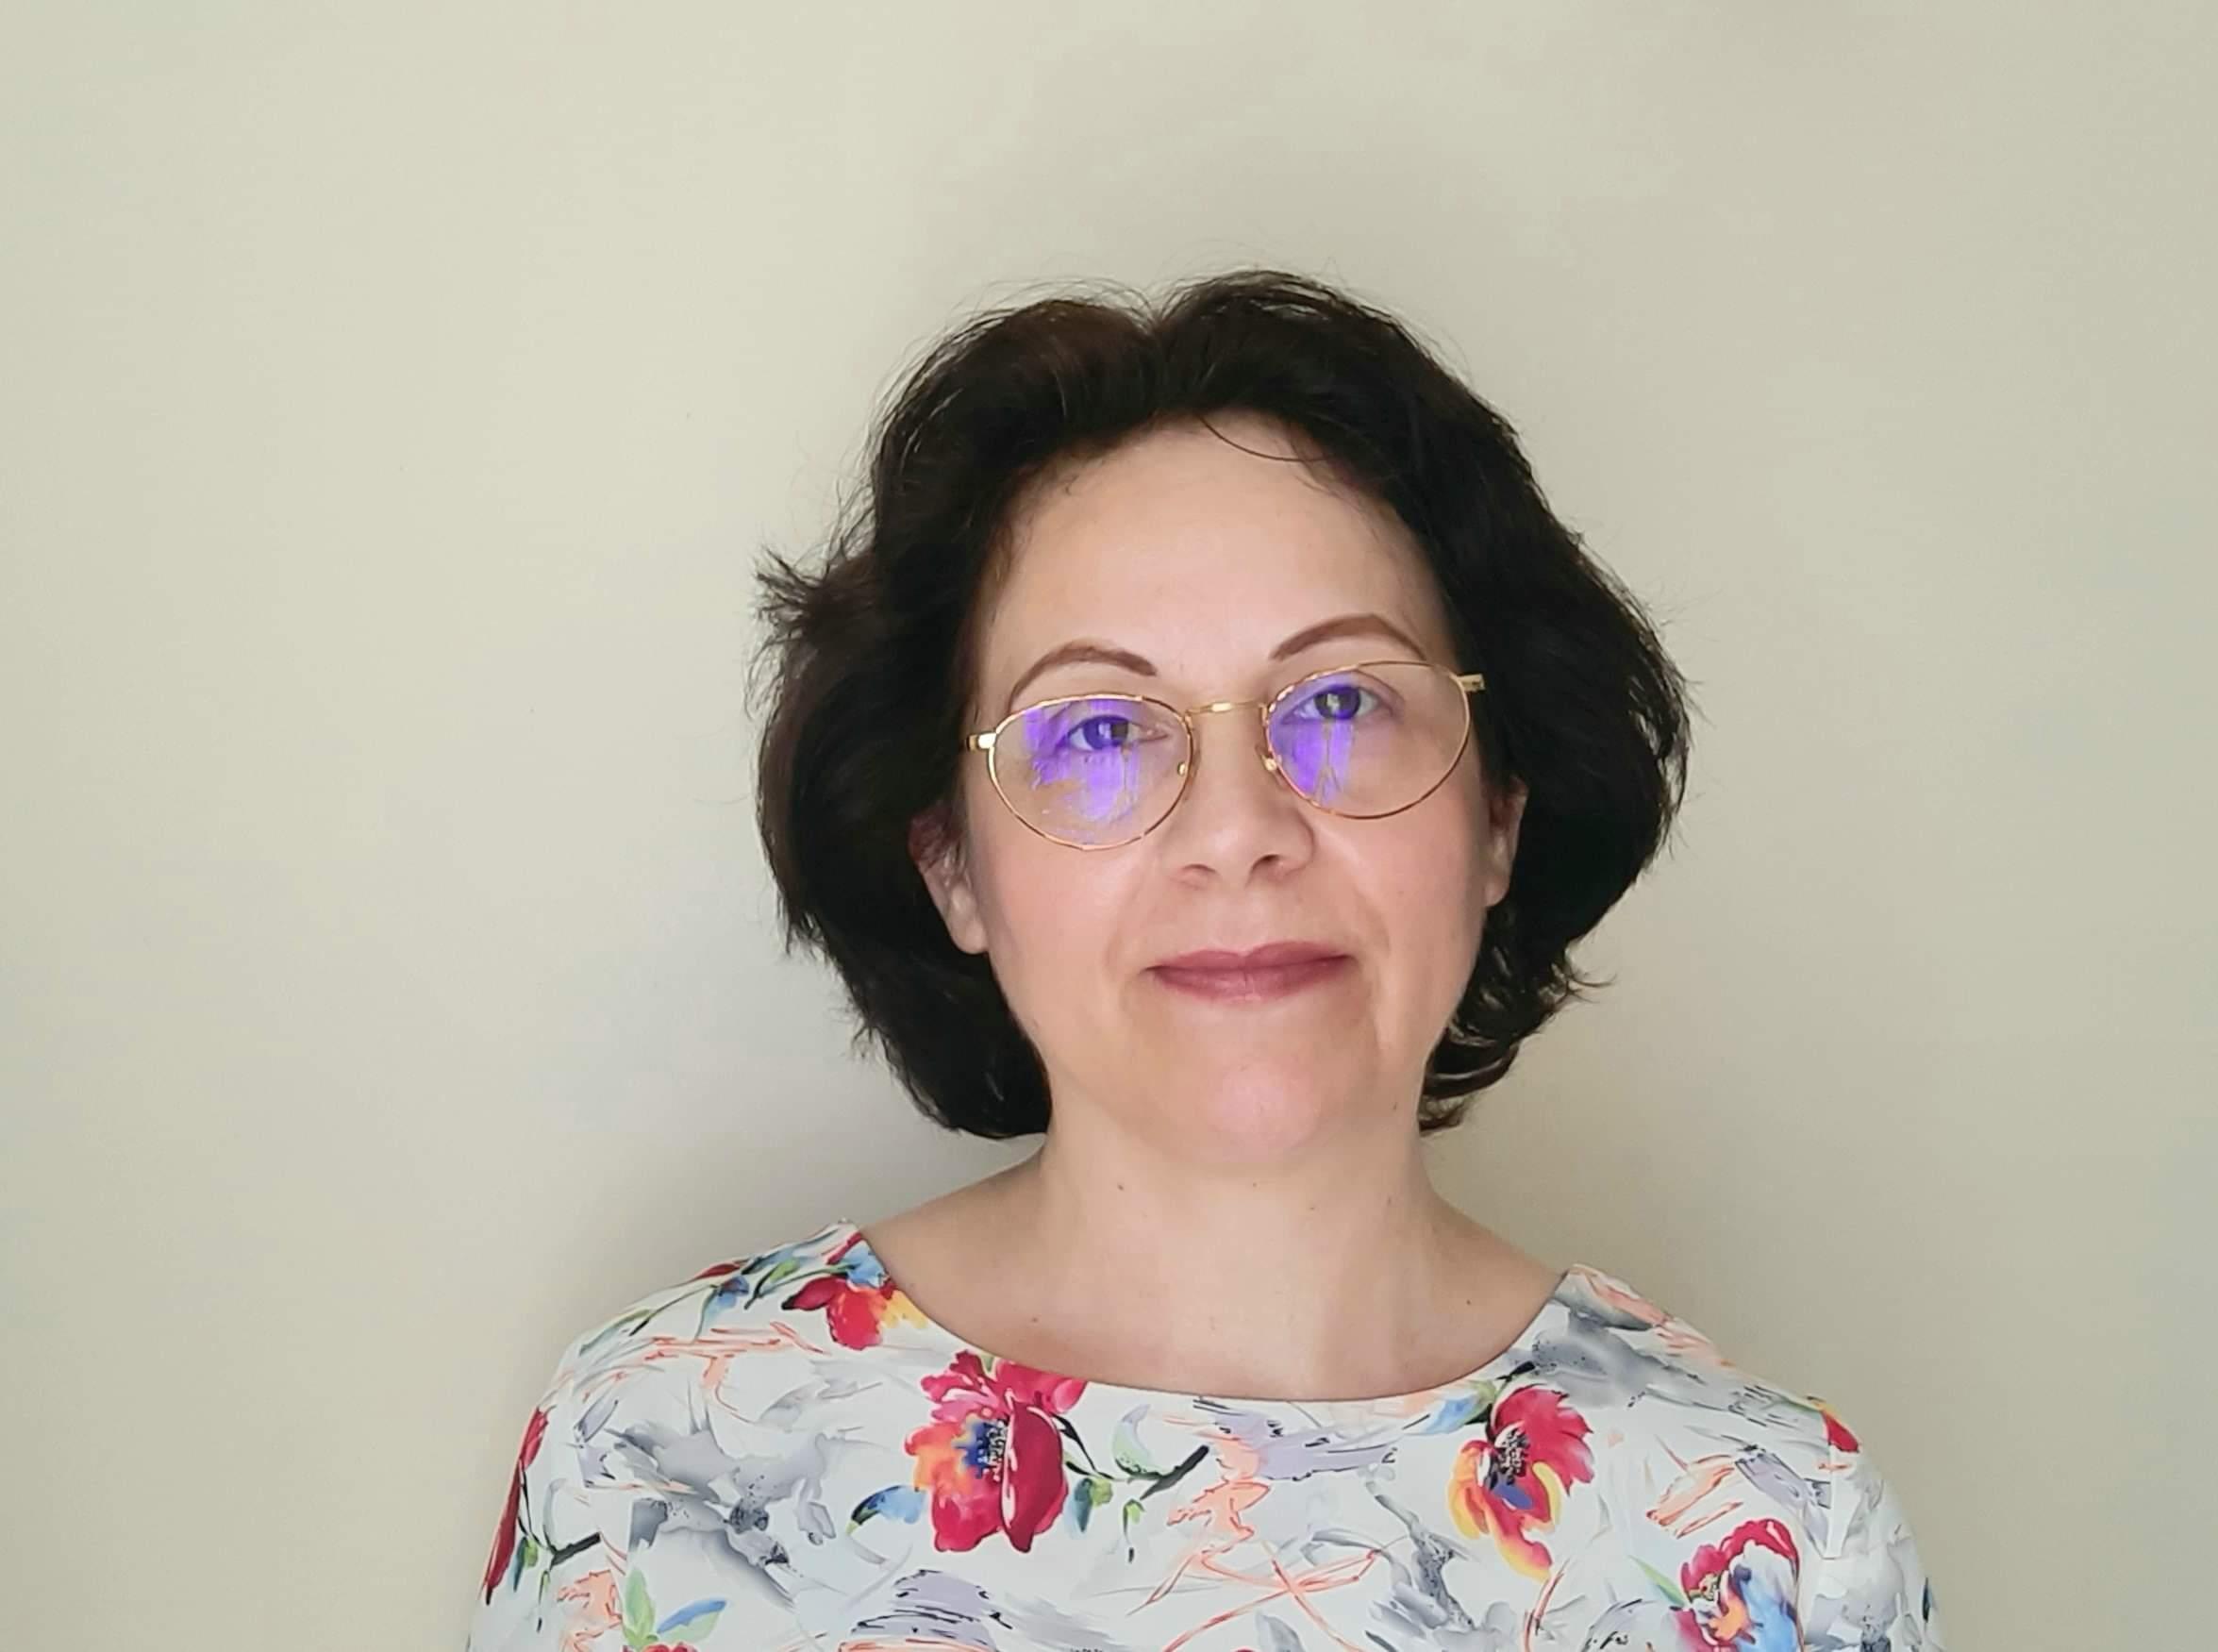 Învățătoarea Simo Florea din Remetea, Bihor